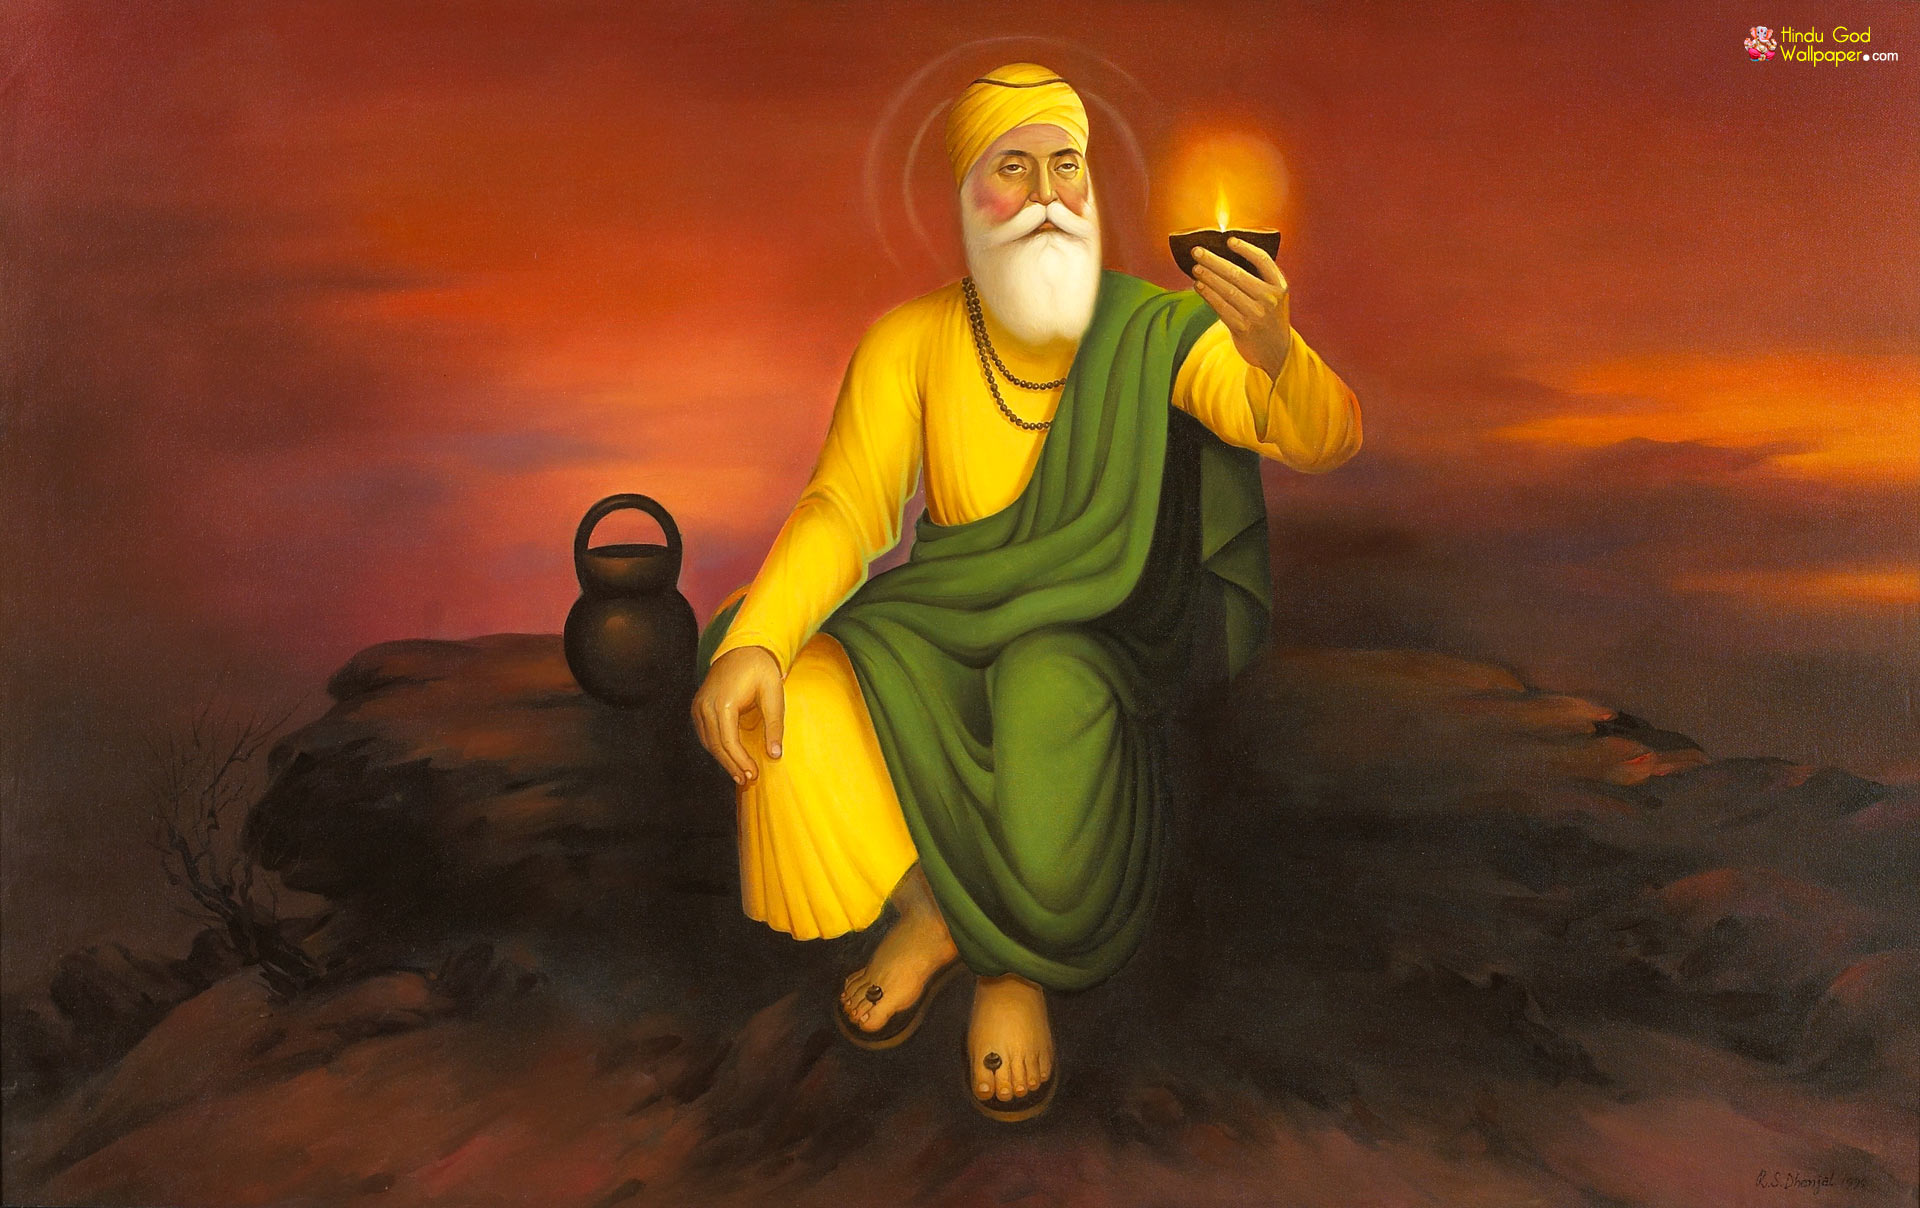 Pictures Of Guru Nanak Dev Ji Wallpapers Hd Kidskunstinfo